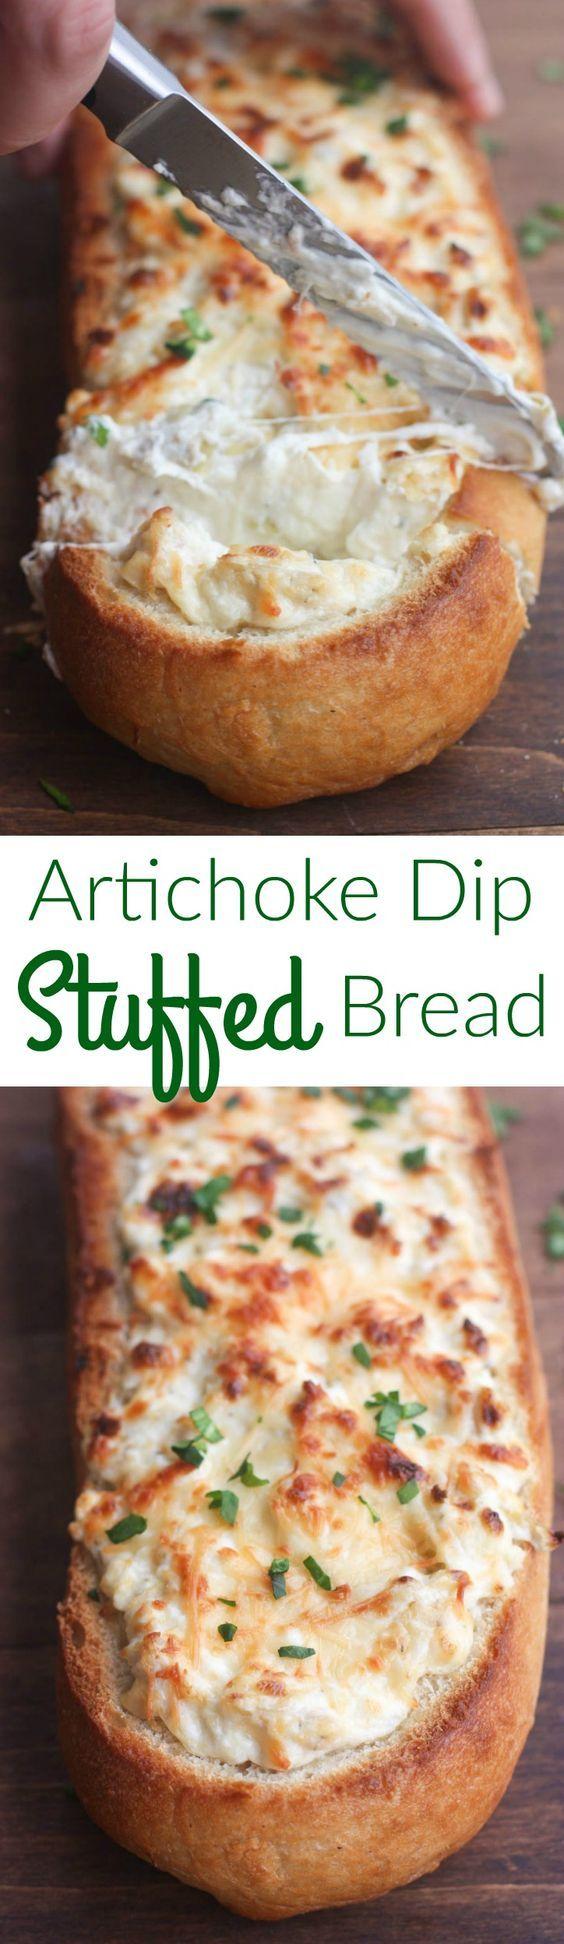 Artichoke Dip Stuffed Bread